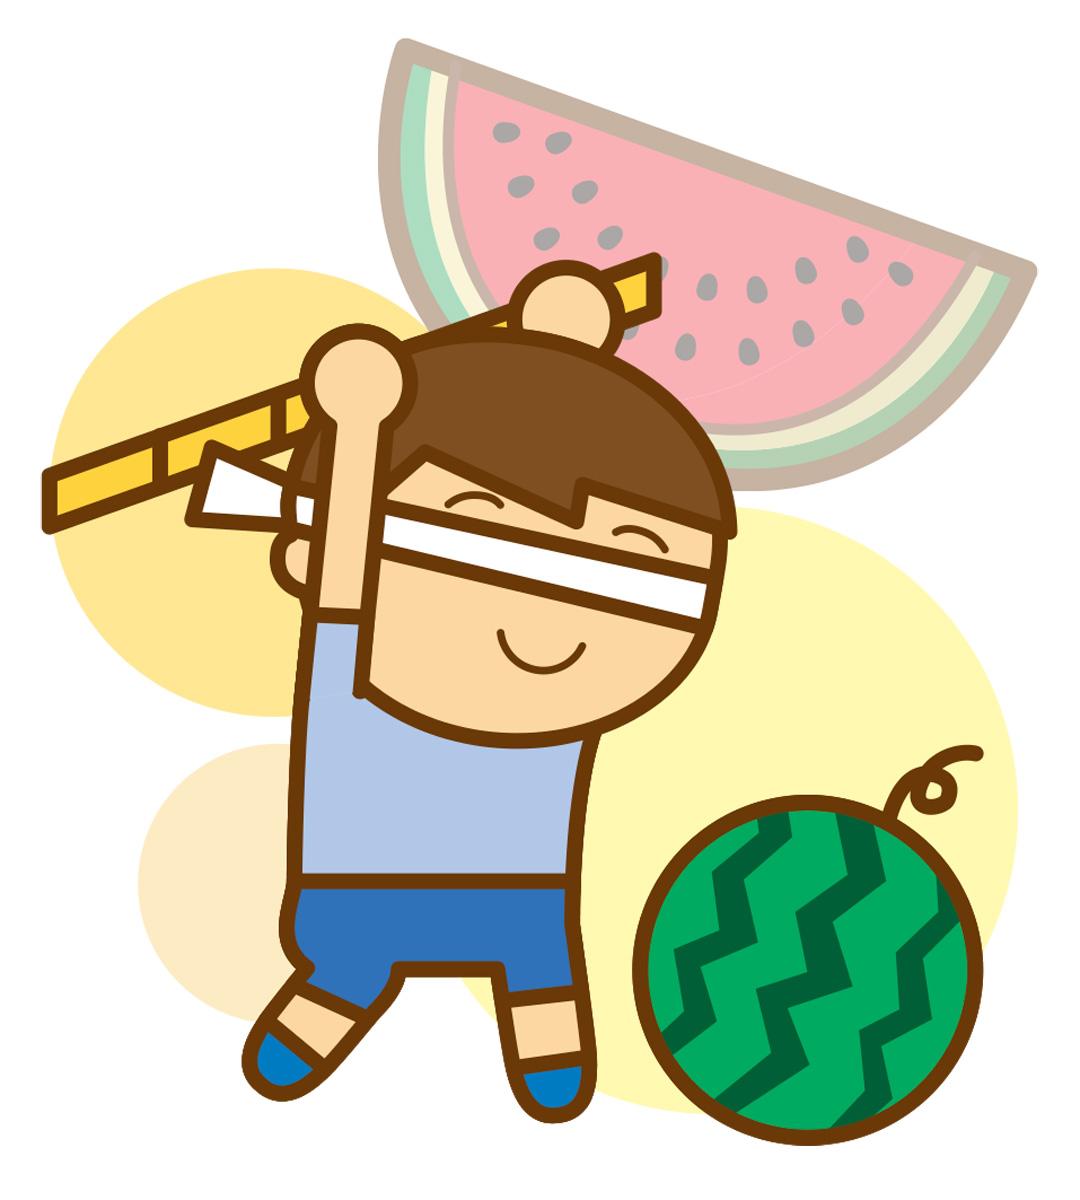 踊場地区セン夏祭りへGO